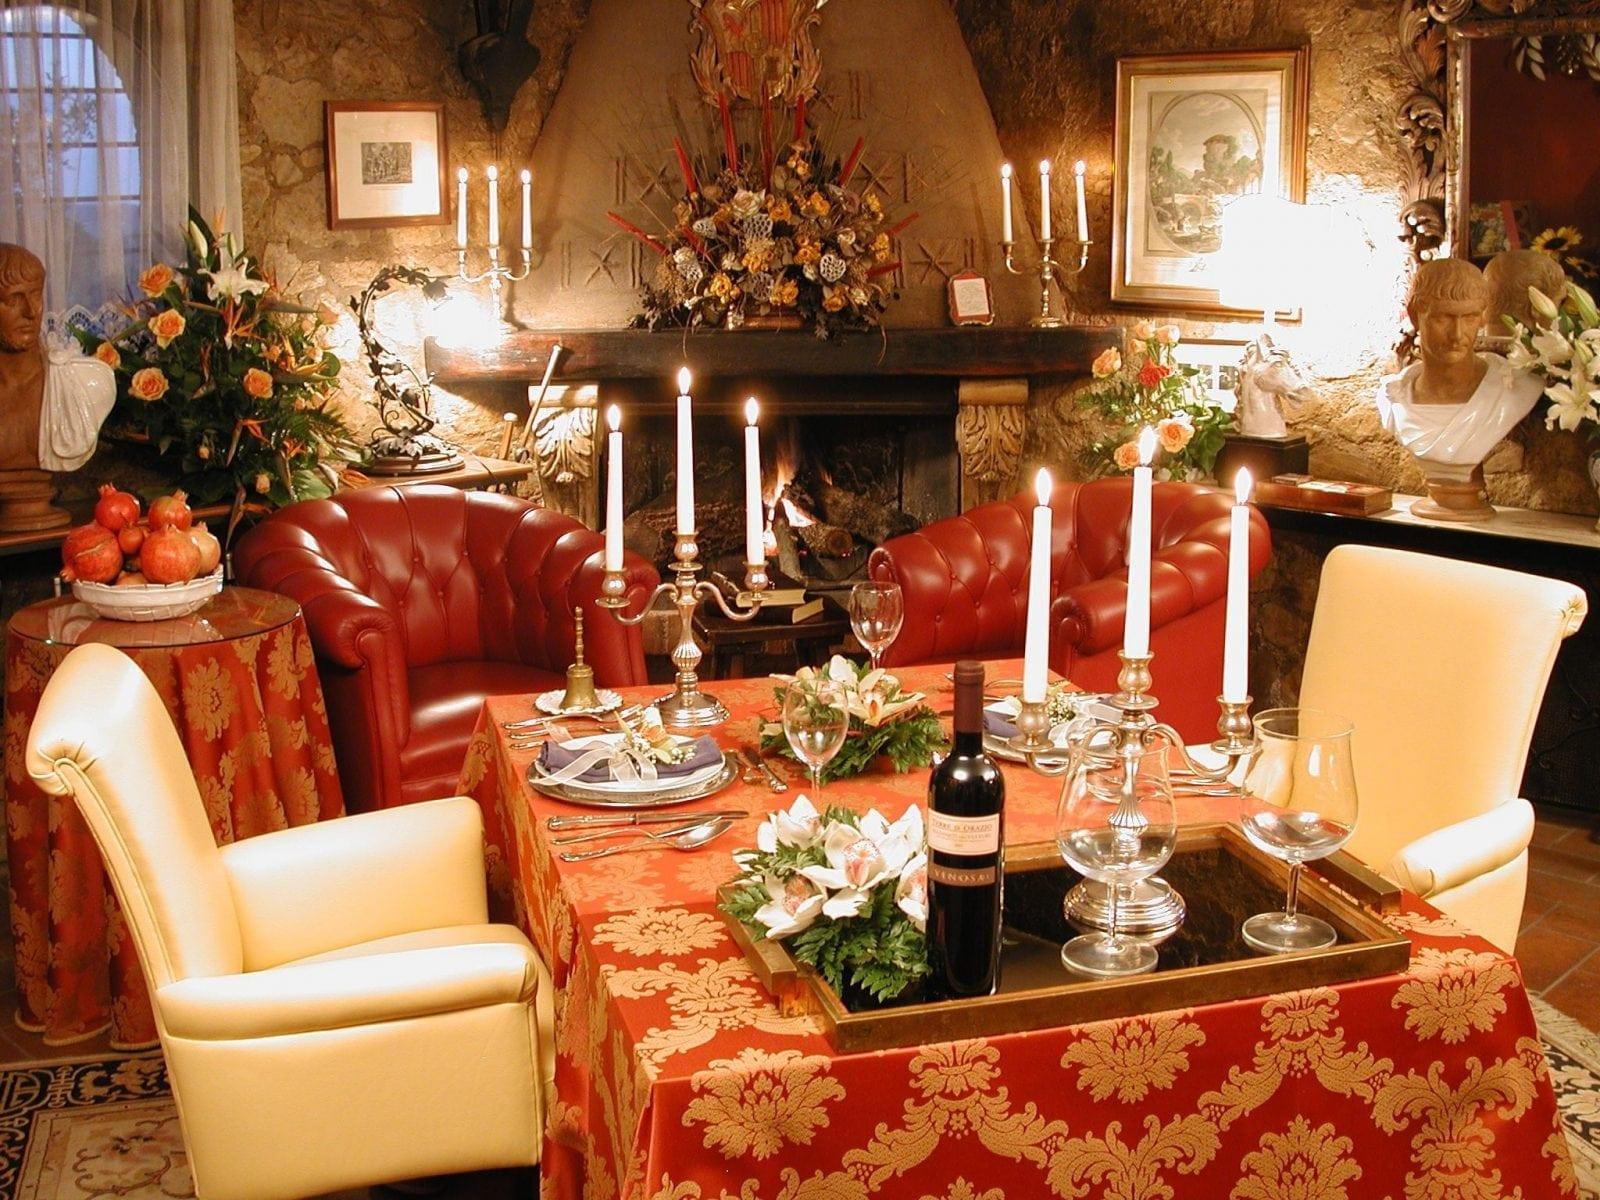 6.Solo Per Due Vacone Umbria Italy - Top 10 restaurante cu stele Michelin din Europa